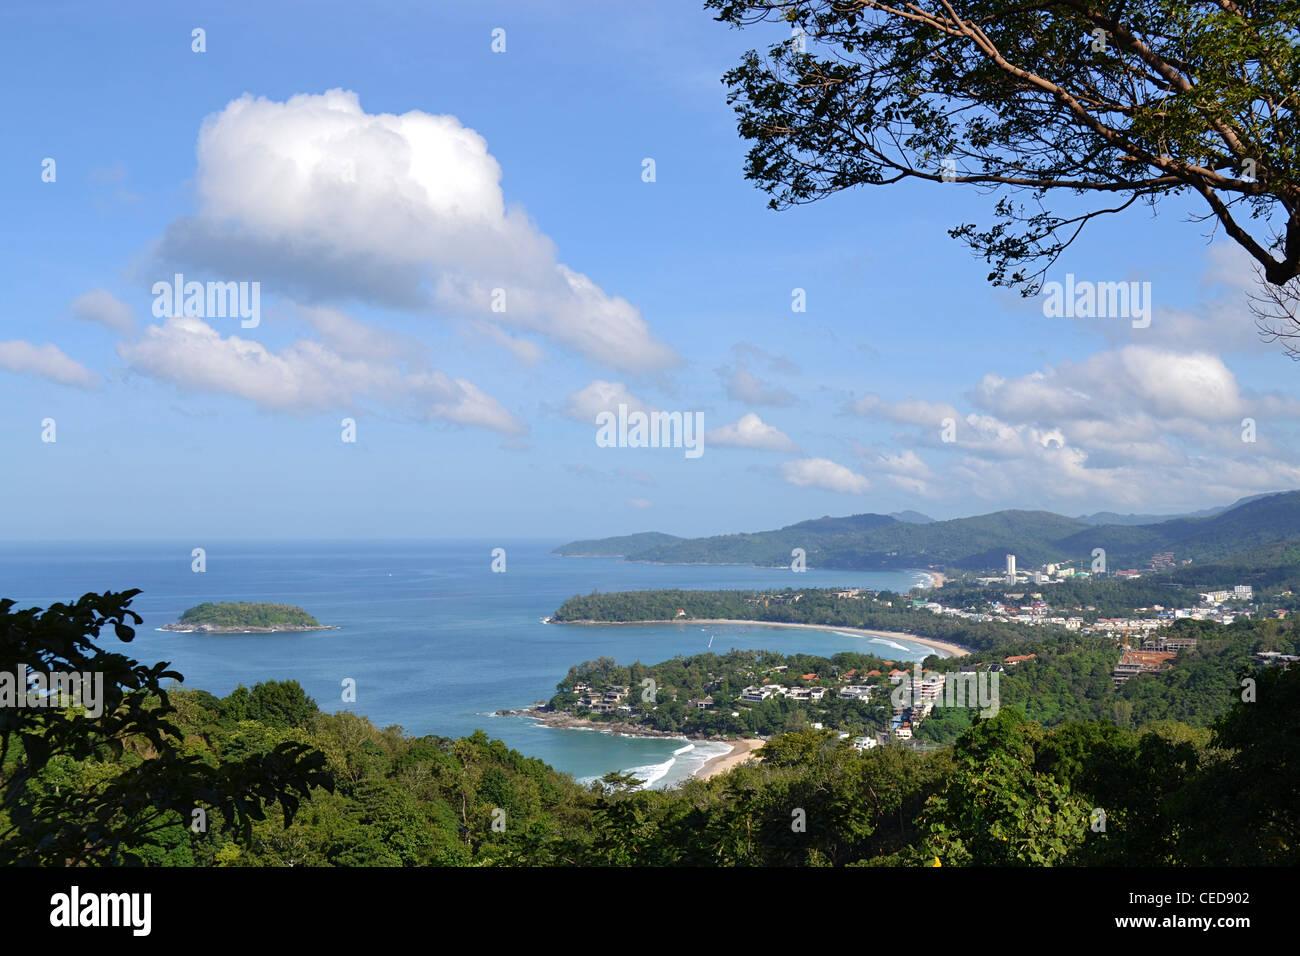 View of the bays of Kata Beach and Karon, Phuket, Southern Thailand, Thailand, Southeast Asia - Stock Image